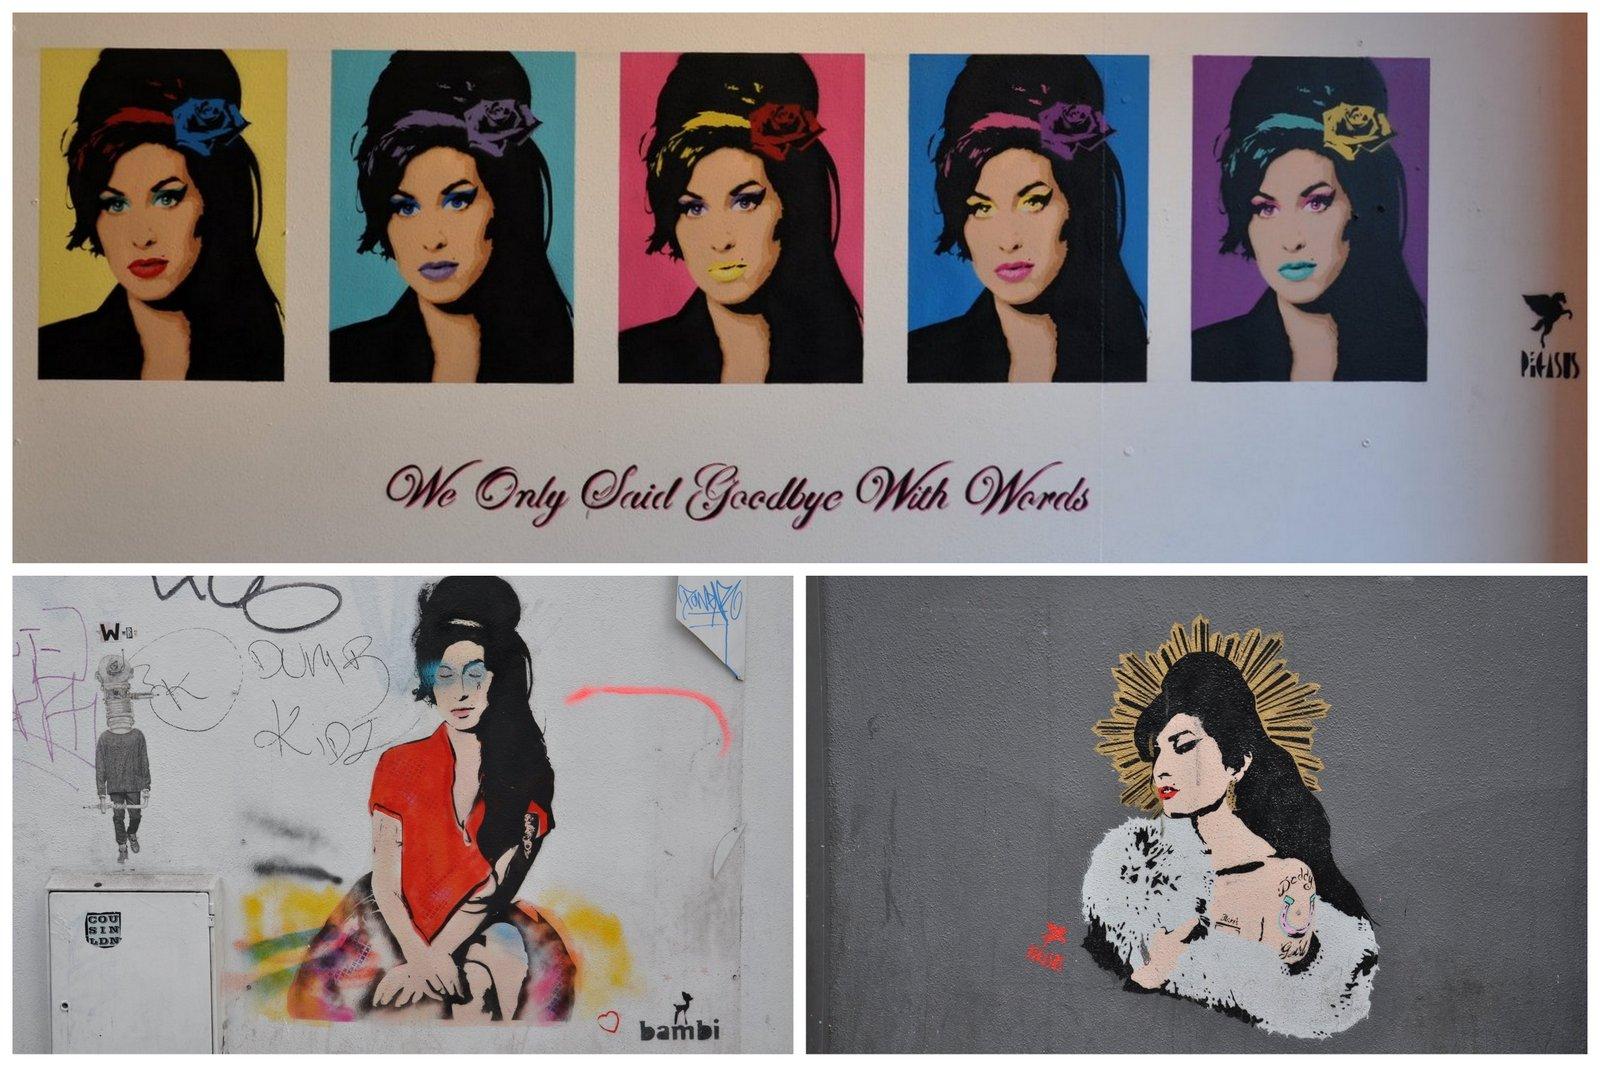 Beaucoup de fresques consacrées à Amy Whinehouse: ici par Pegasus et Bambi